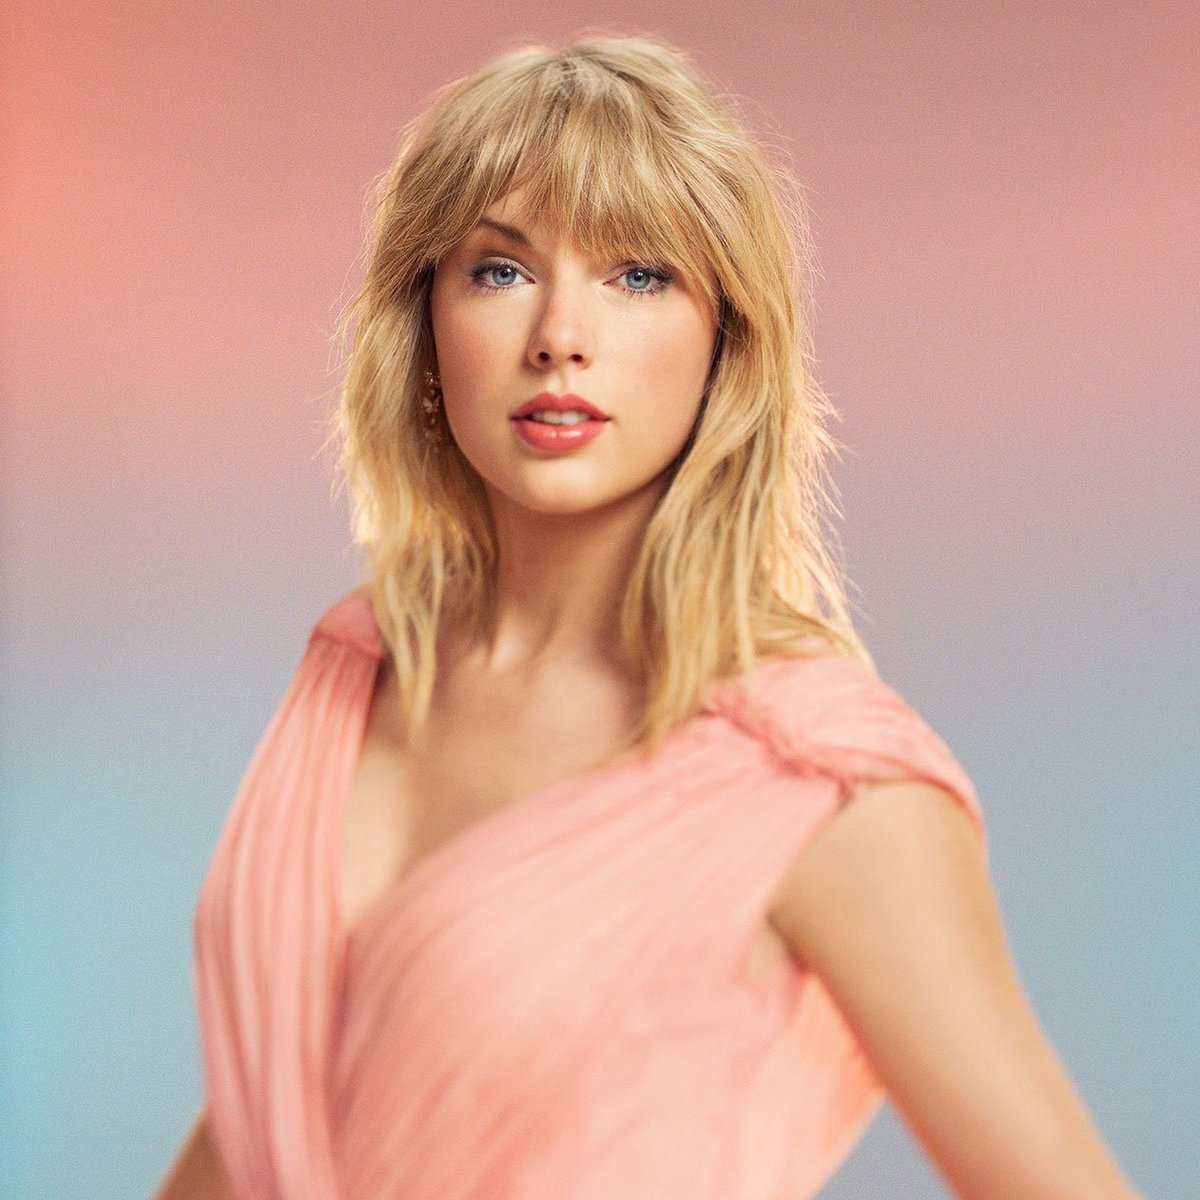 ล่าสุดนิตยสาร Forbes รายงานว่านักร้องสาว Taylor Swift คว้าอันดับ 1 ไปถึง 2 อันด้วยกันได้แก่ 'คนดังที่มีค่าตัวสูงที่สุดในโลกปี 2019' และ 'นักร้องหญิงที่ทำเงินสูงสุดในปี 2019' ซึ่งเทย์ทำรายได้ไปสูงถึง $185 ล้านดอลลาร์หรือราวๆ 5.7 พันล้านบาท ปังมากกคว้าไป 2 ตำแหน่งแบบสวยๆเลยจ้า 💞👏 https://t.co/E6vVubgvzh